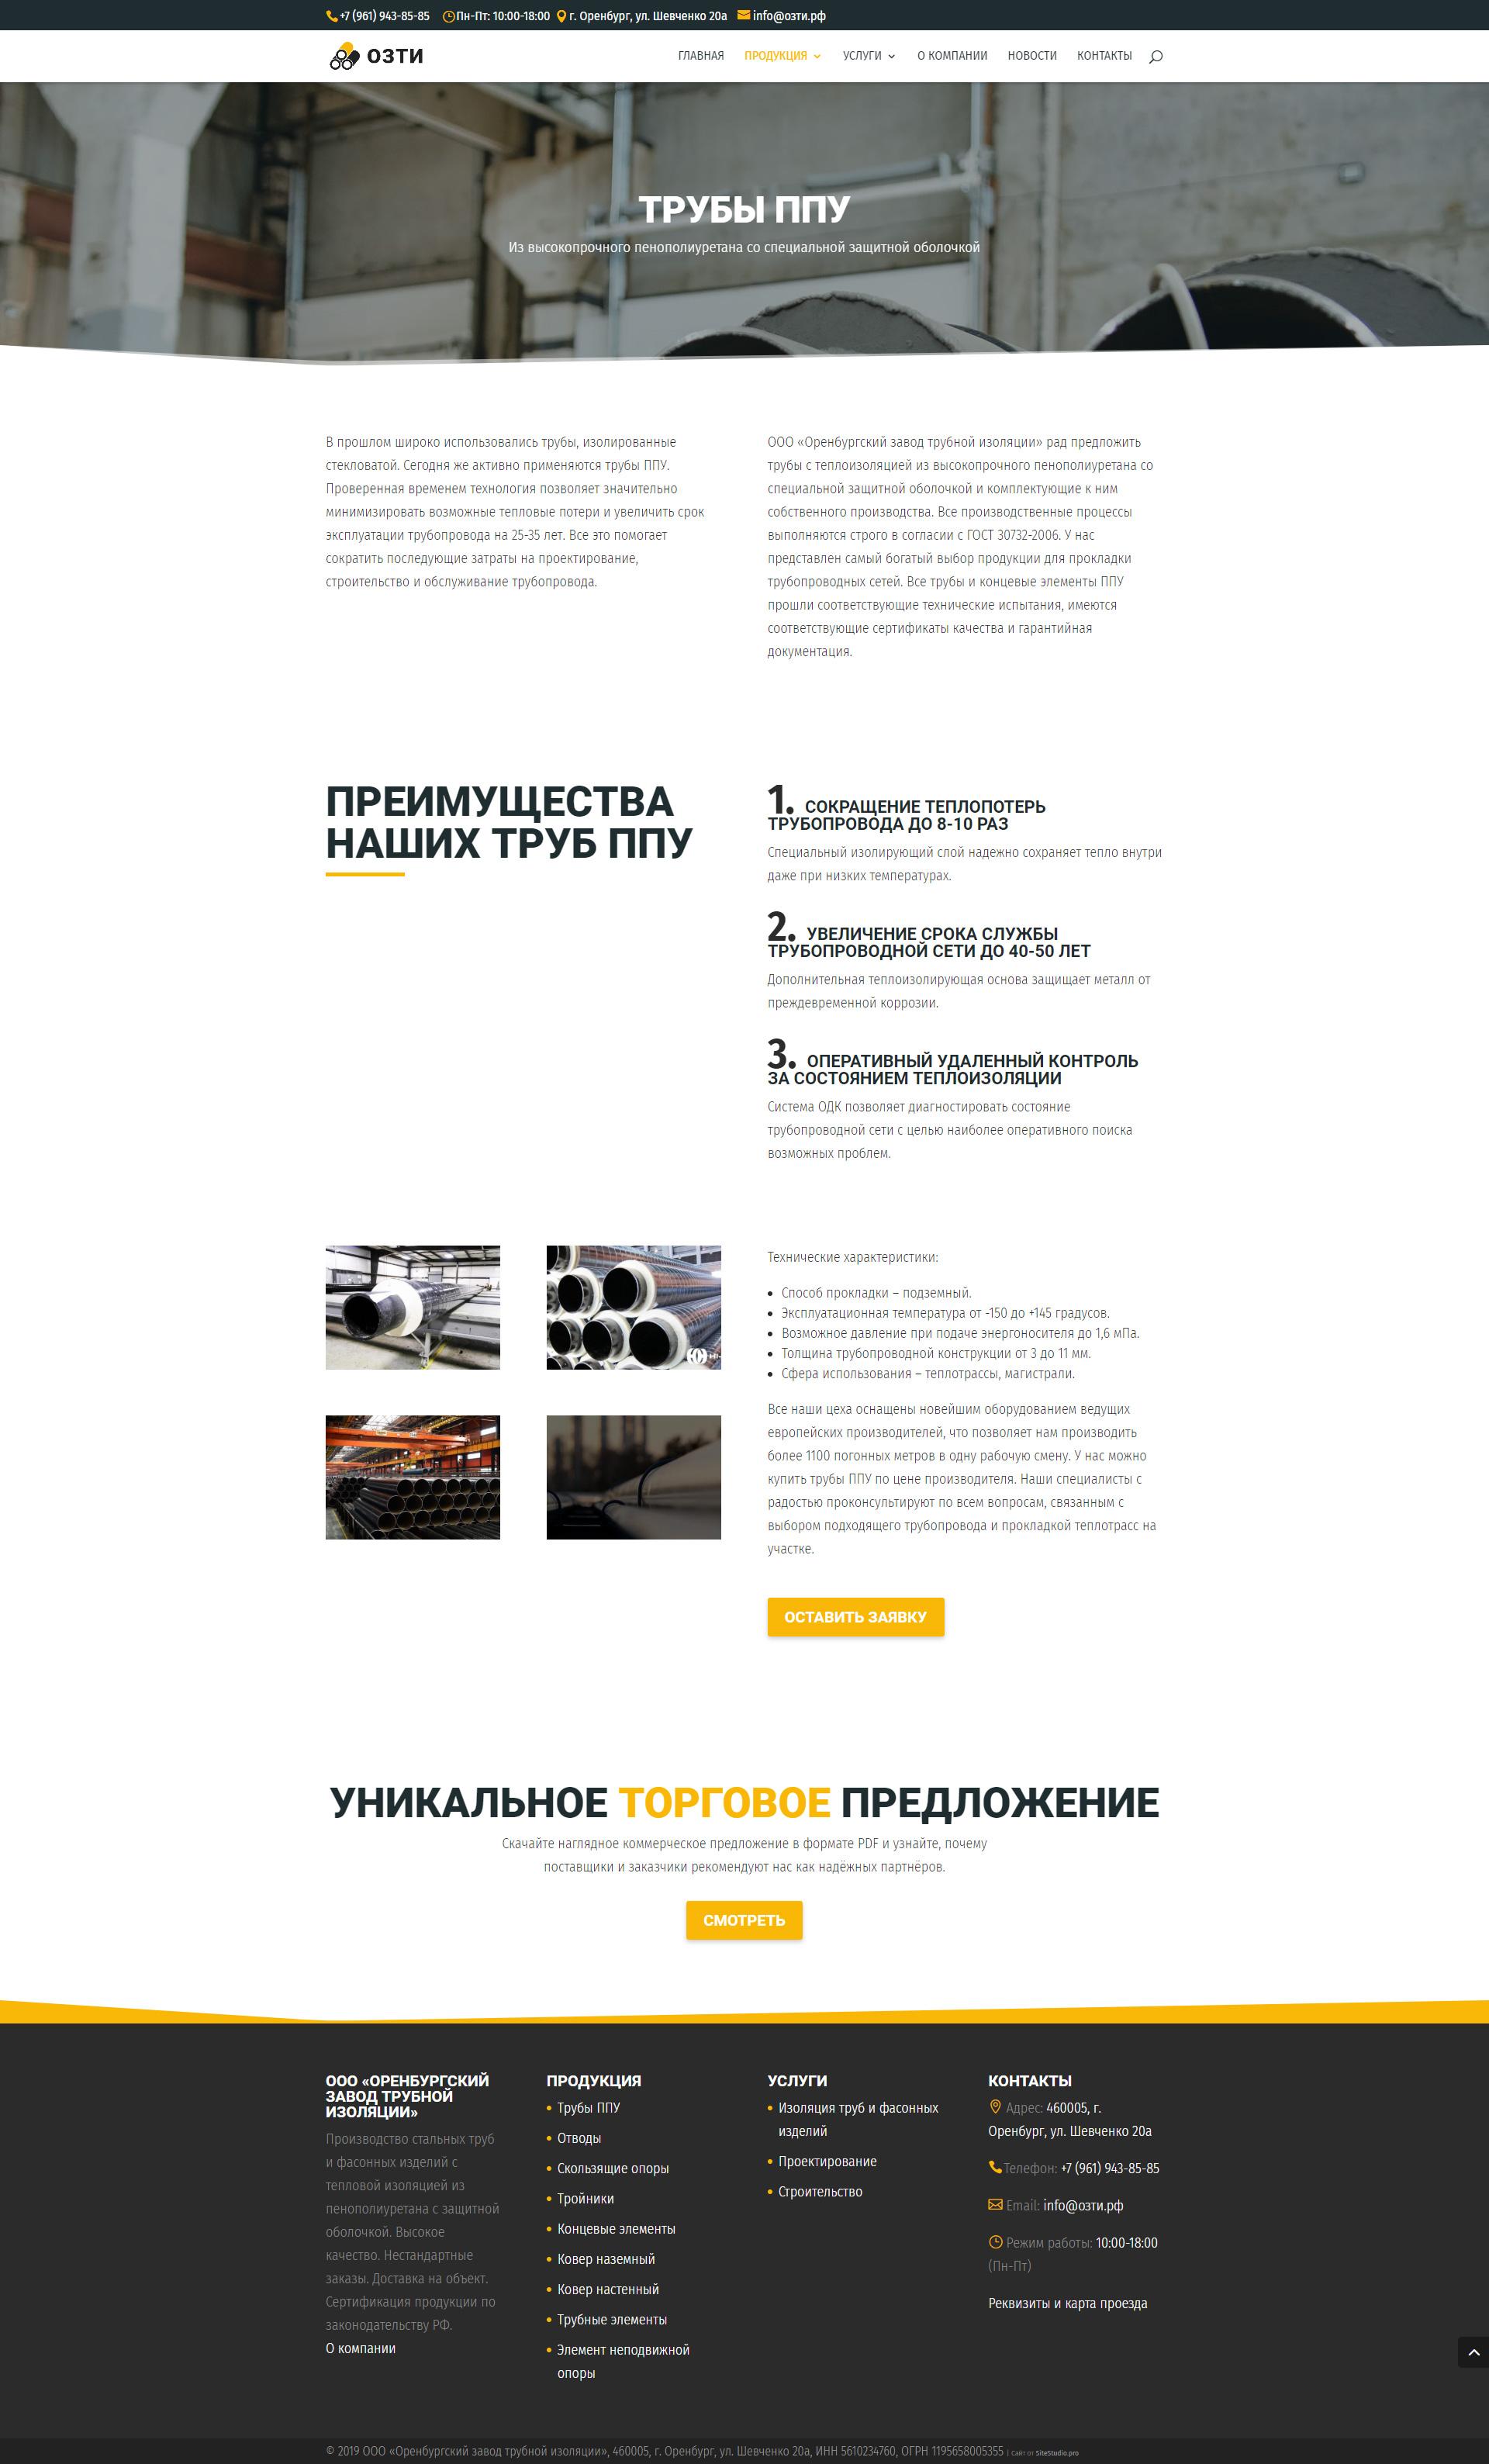 Создание-сайта-ОЗТИ.рф-SiteStudio.pro (3)